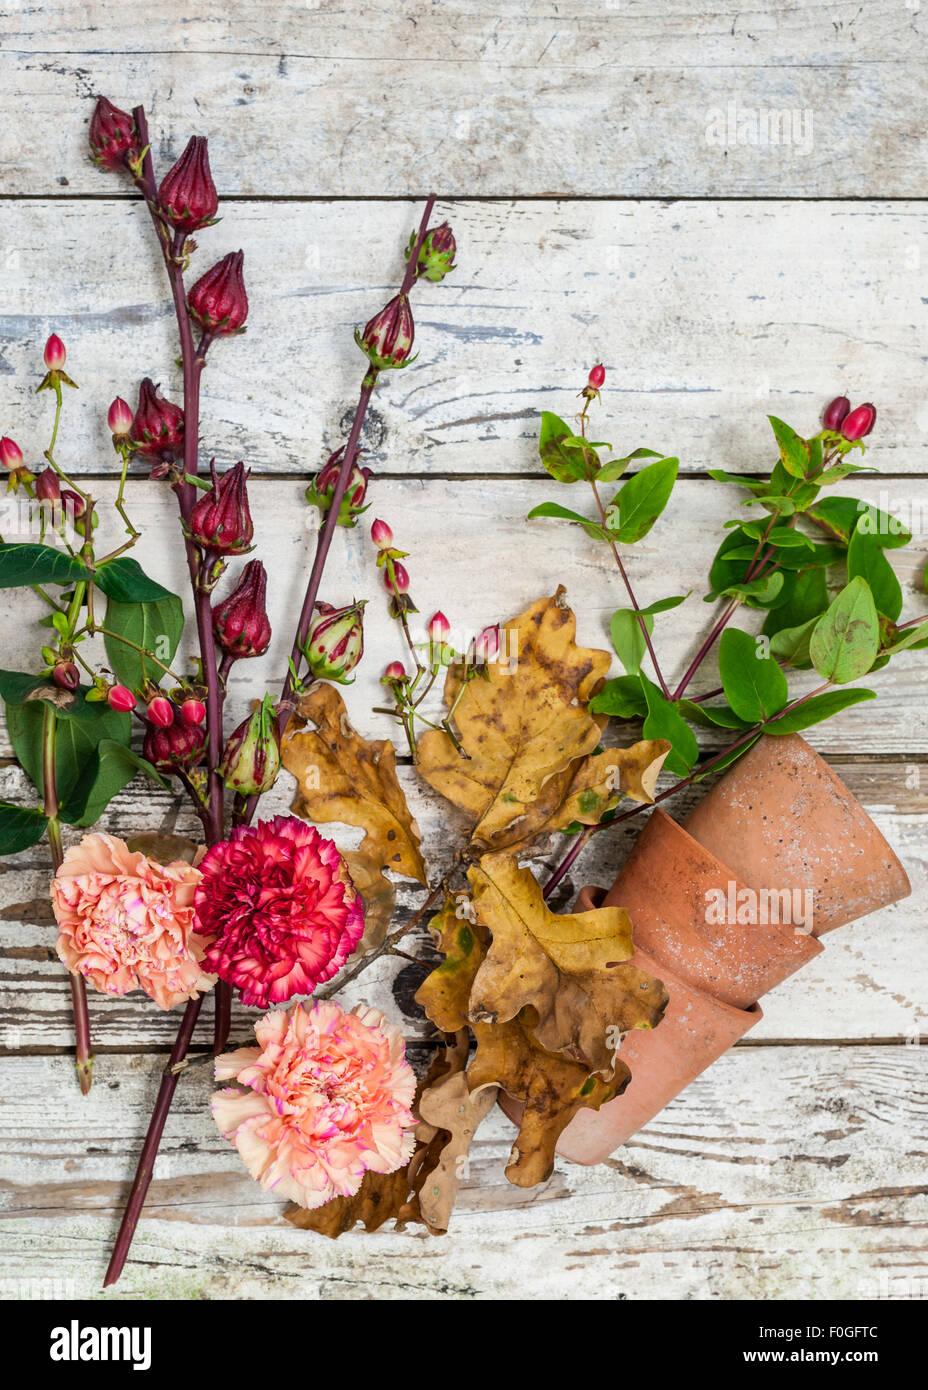 Otoño de flores y frutos en una superficie rústica Imagen De Stock